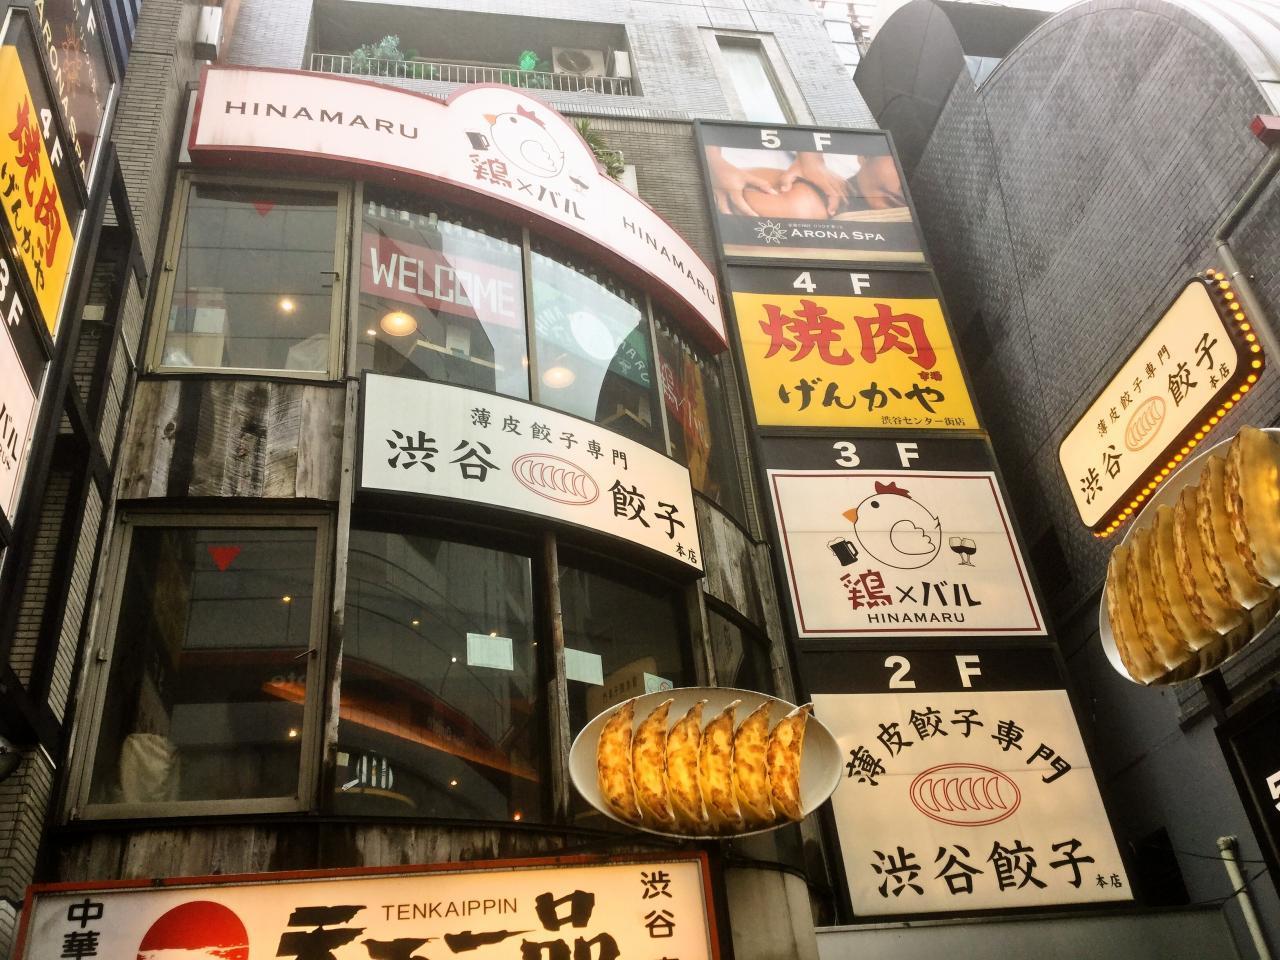 鶏バルHINAMARU(店舗)